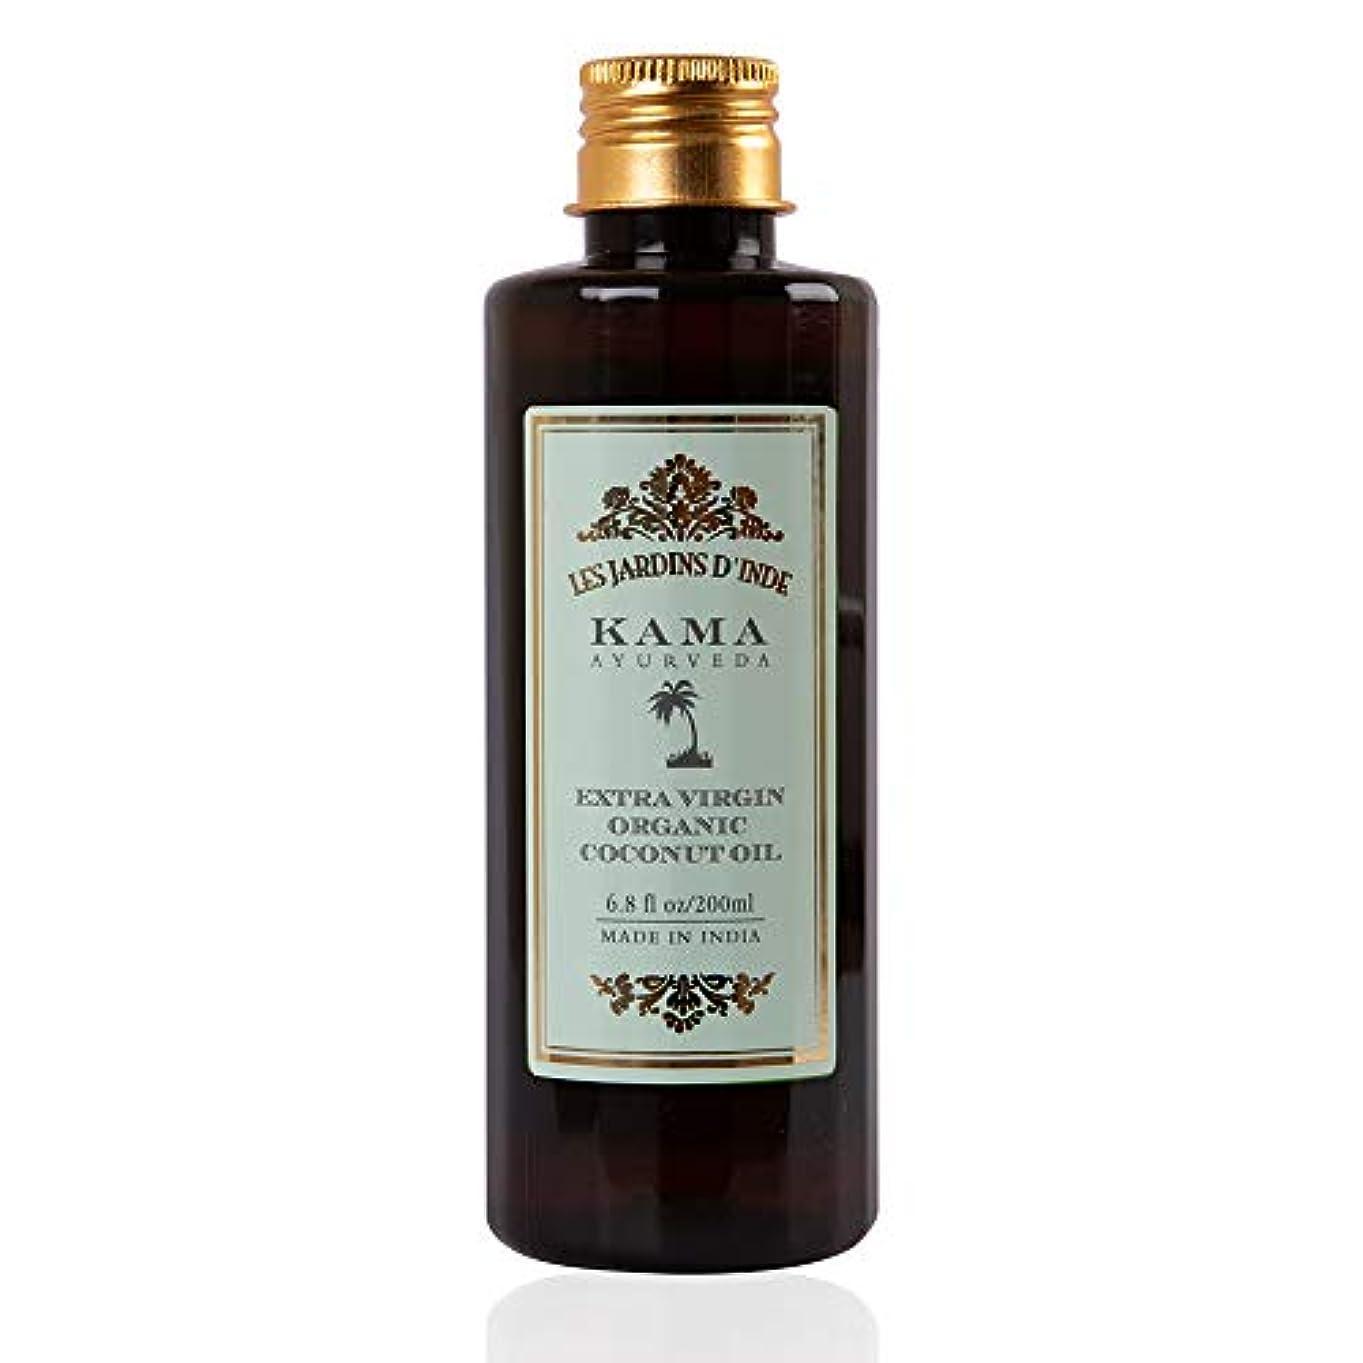 約束する変更同行するKAMA AYURVEDA カーマ アーユルヴェーダ 100% オーガニック エキストラヴァージンココナッツオイル 200ml